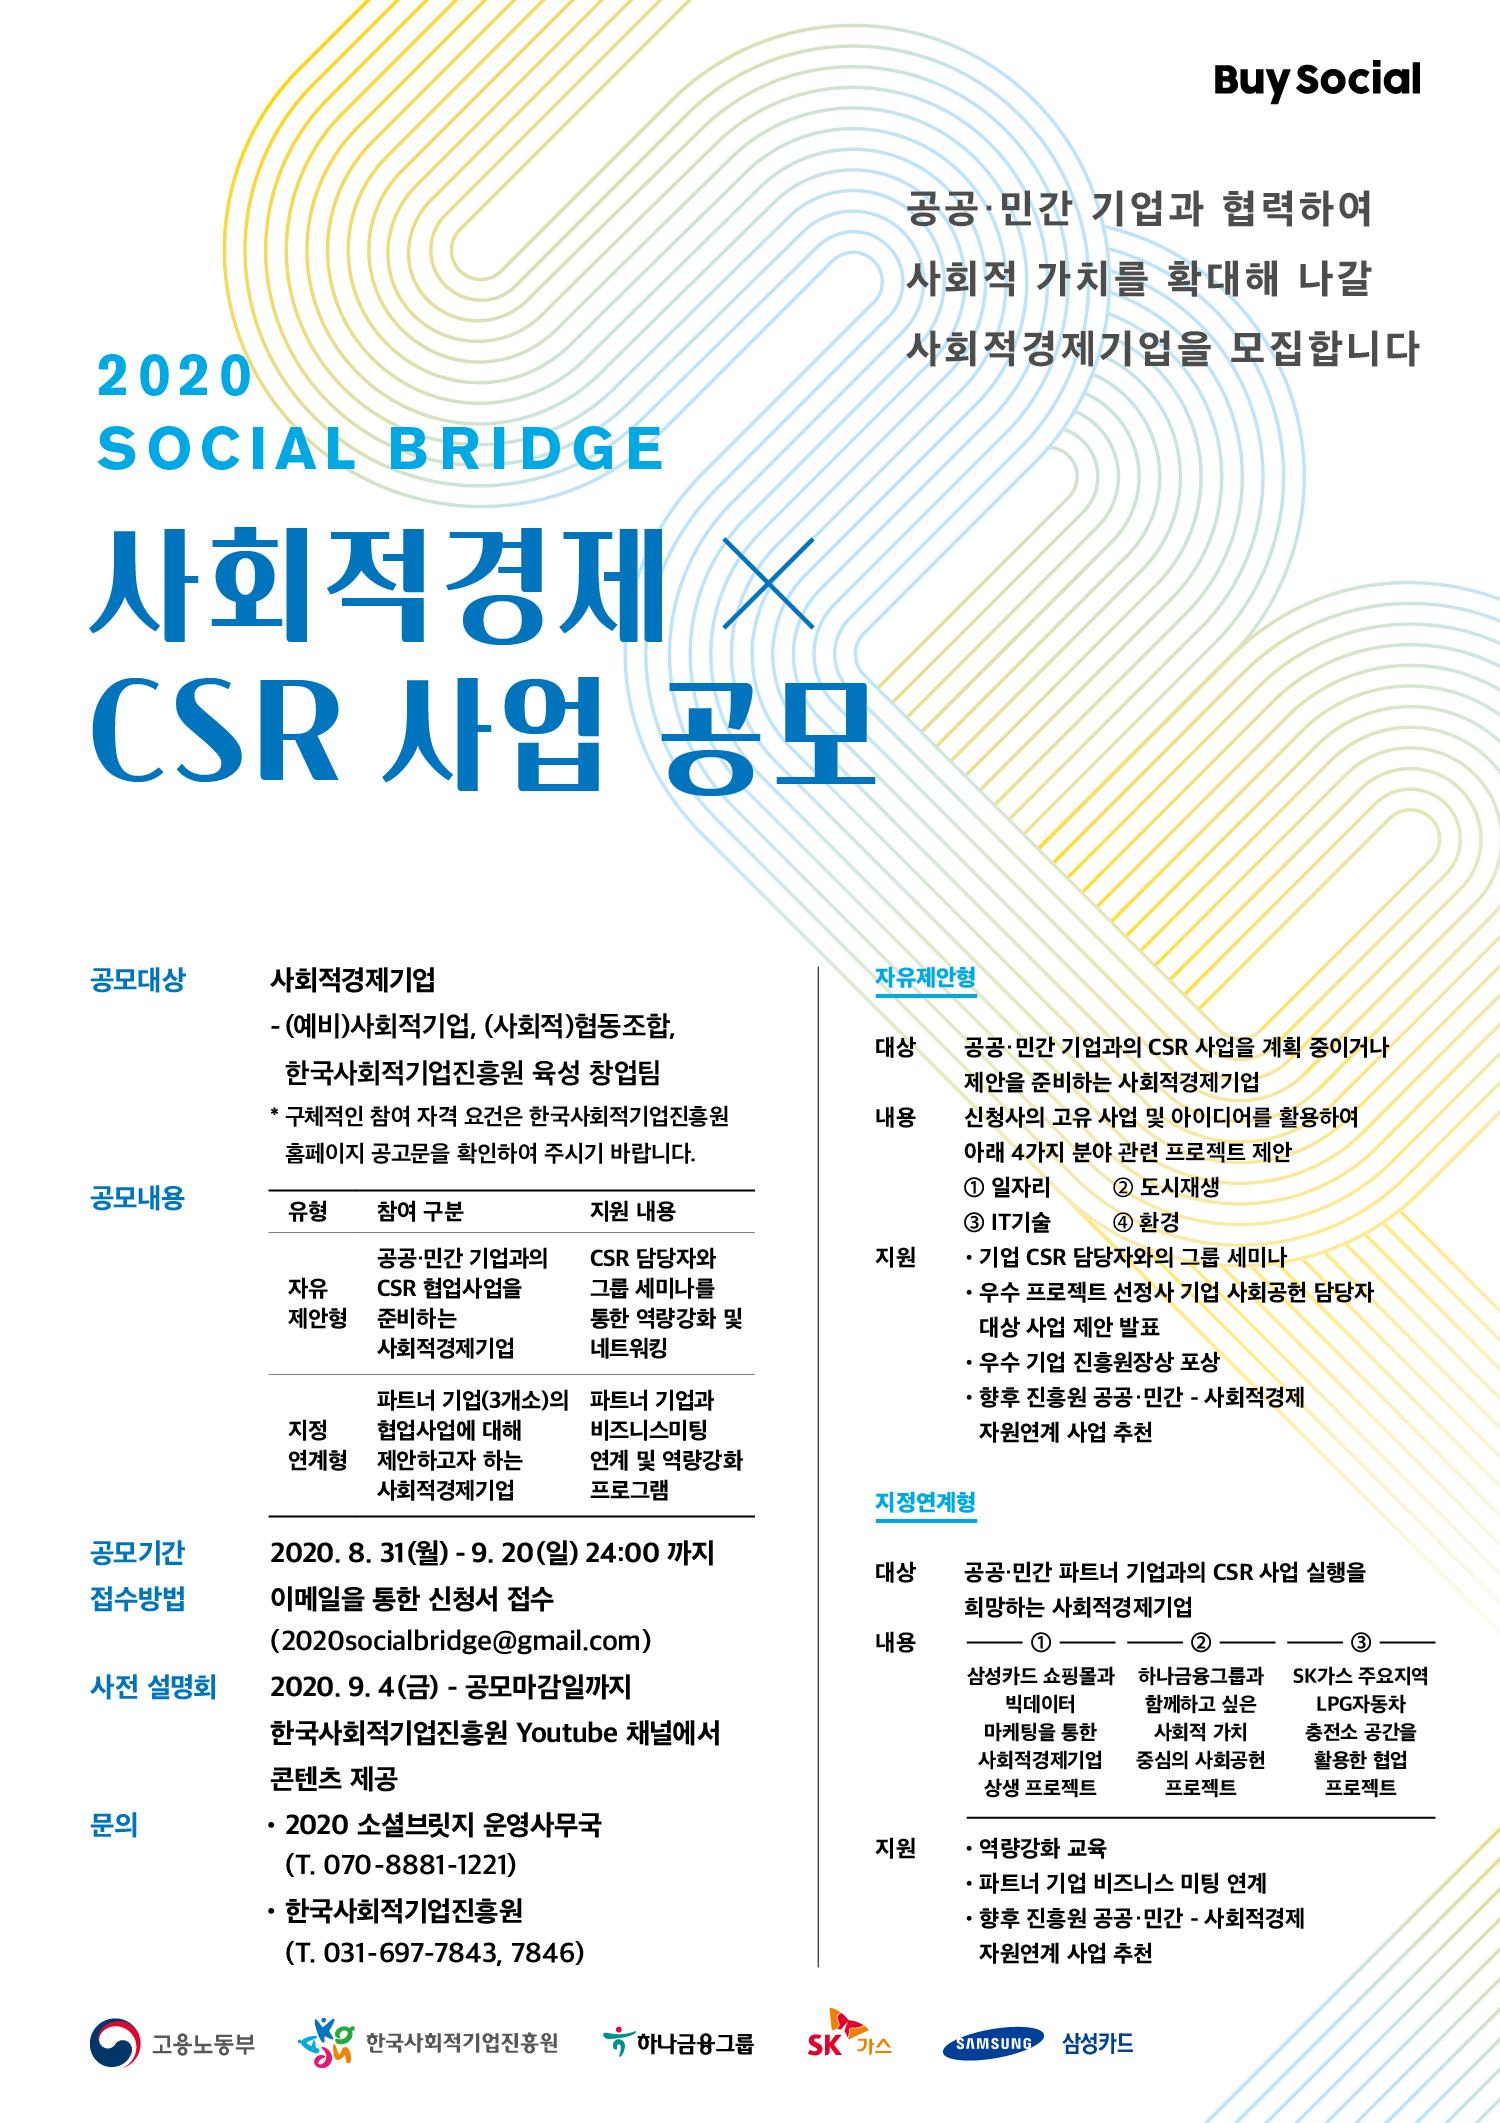 [안내] 한국사회적기업진흥원 | '2020년 사회적경제 소셜 브릿지 프로그램' 참가기업 모집(~9/20)